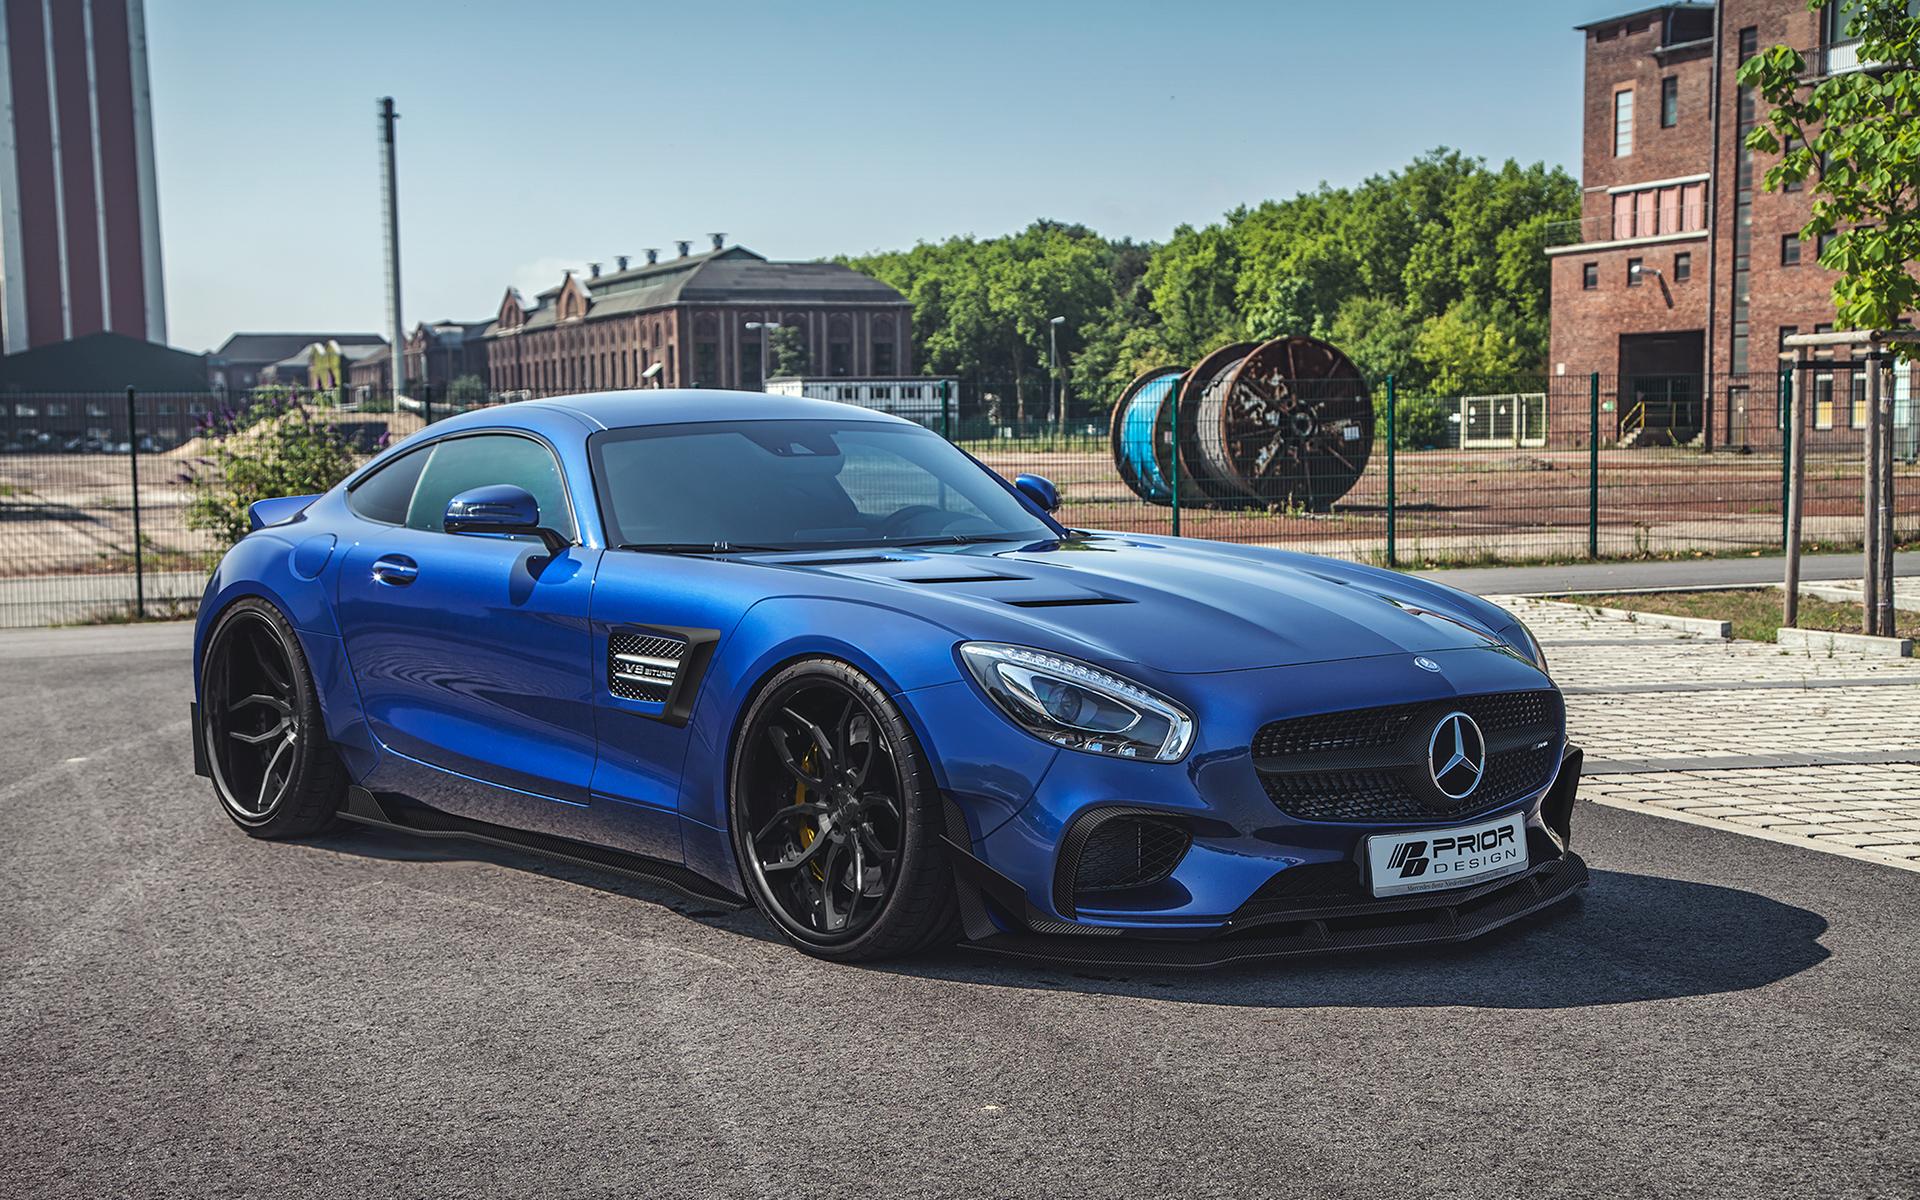 Wunderbar ausgestellte Radhäuser: Tuner PRIOR-DESIGN lässt den Mercedes-AMG GT S endlich bullig wirken.